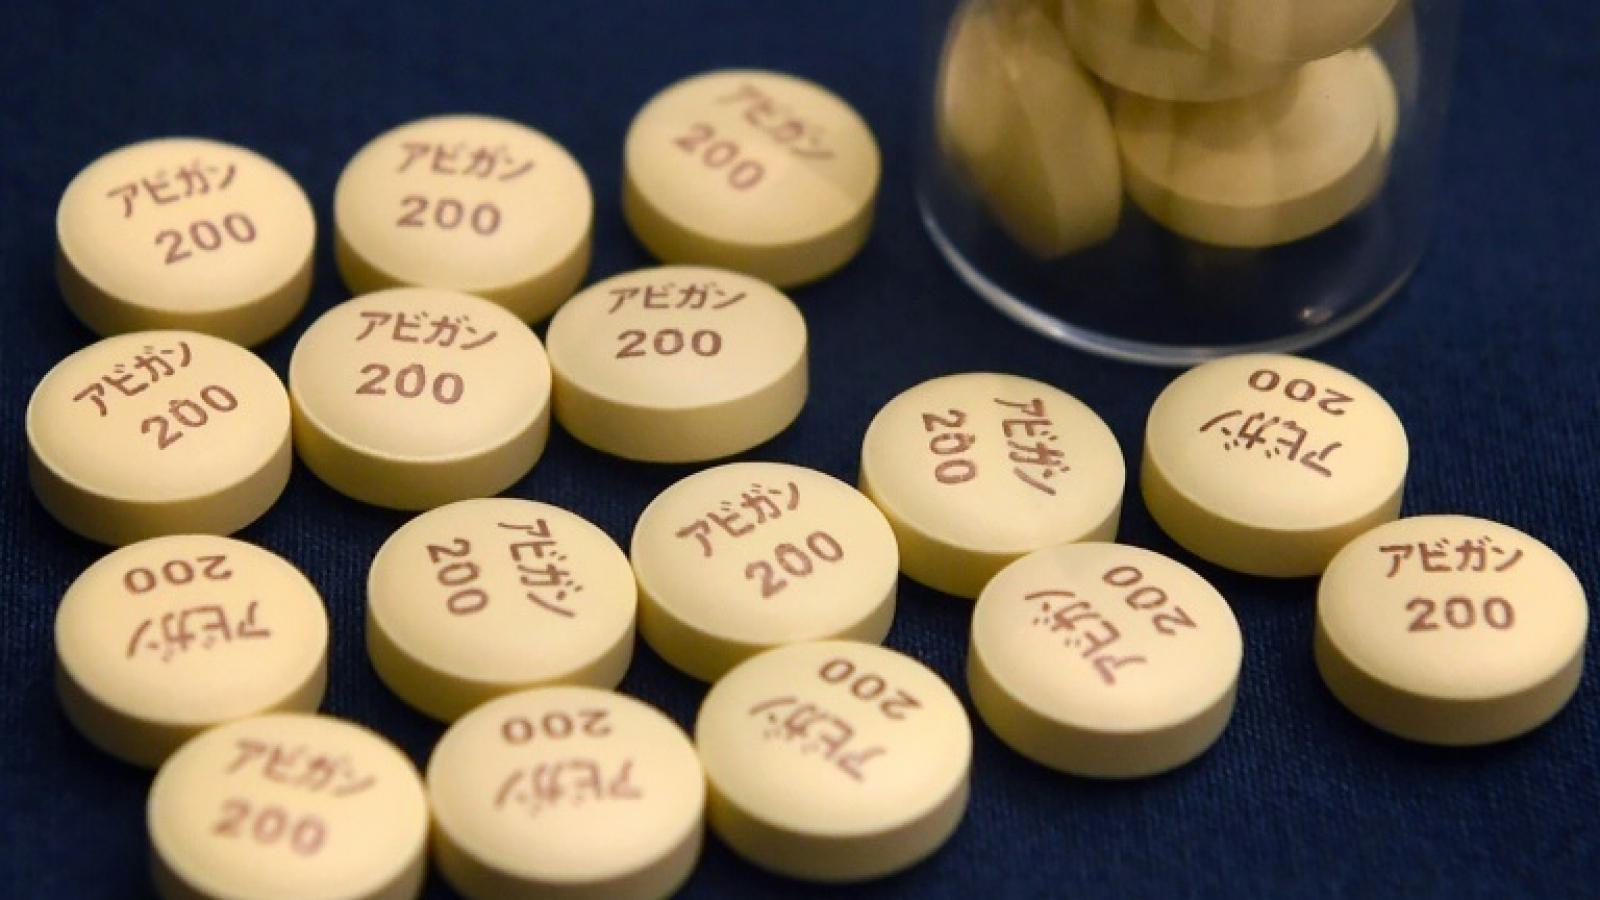 Thuốc Avigan của Nhật Bản ít hiệu quả trong điều trị Covid-19